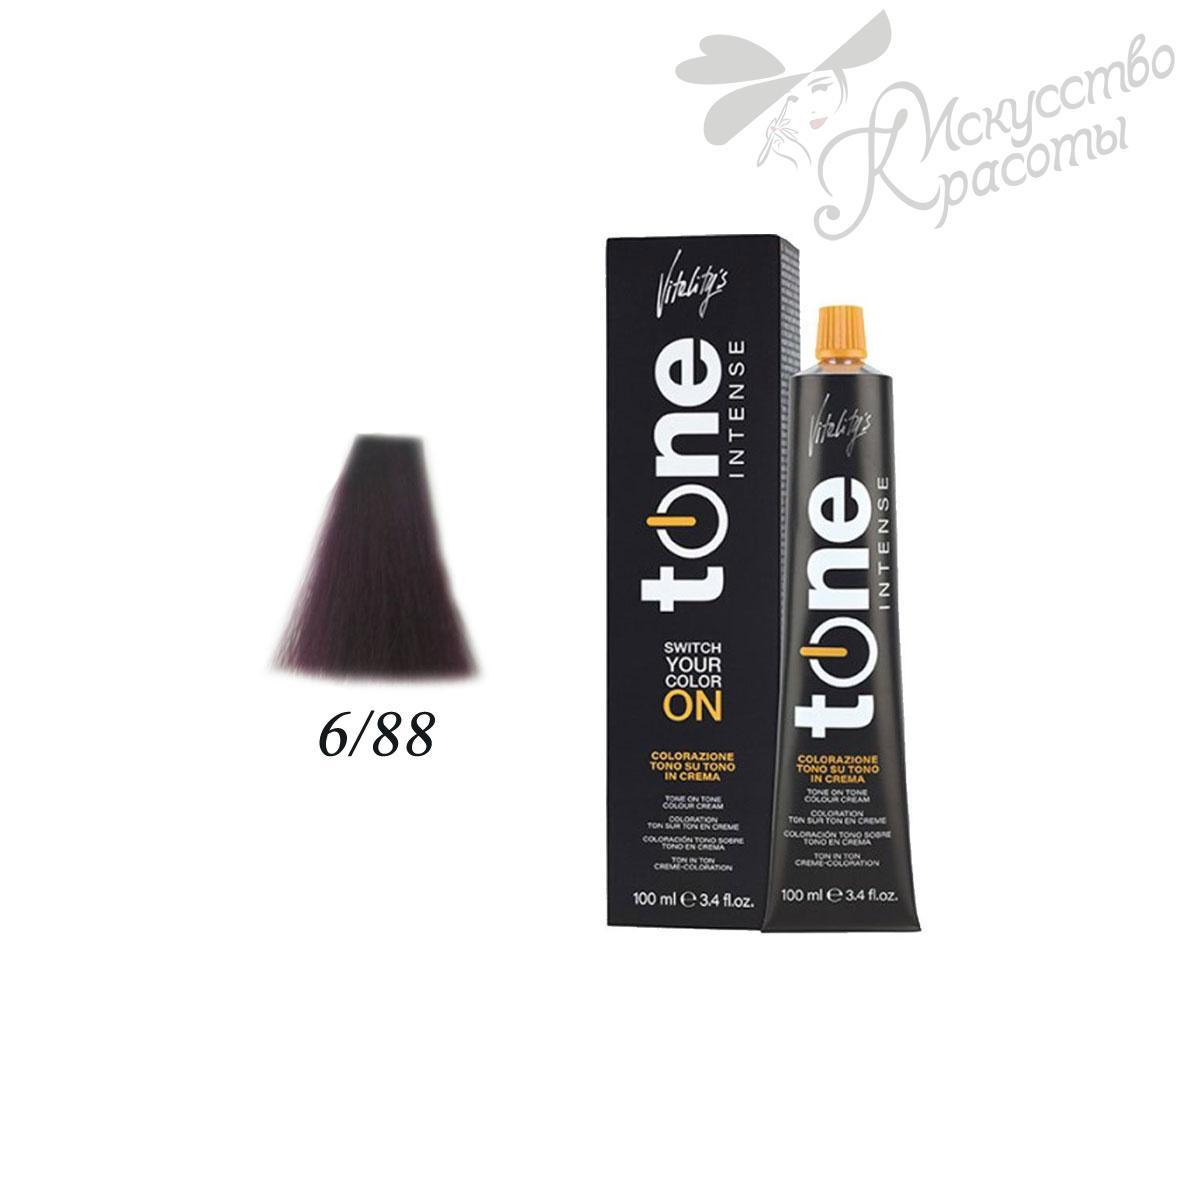 Краска для волос 6/88 насыщенный фиолетовый темный блондин Tone Intense Vitality's 100мл